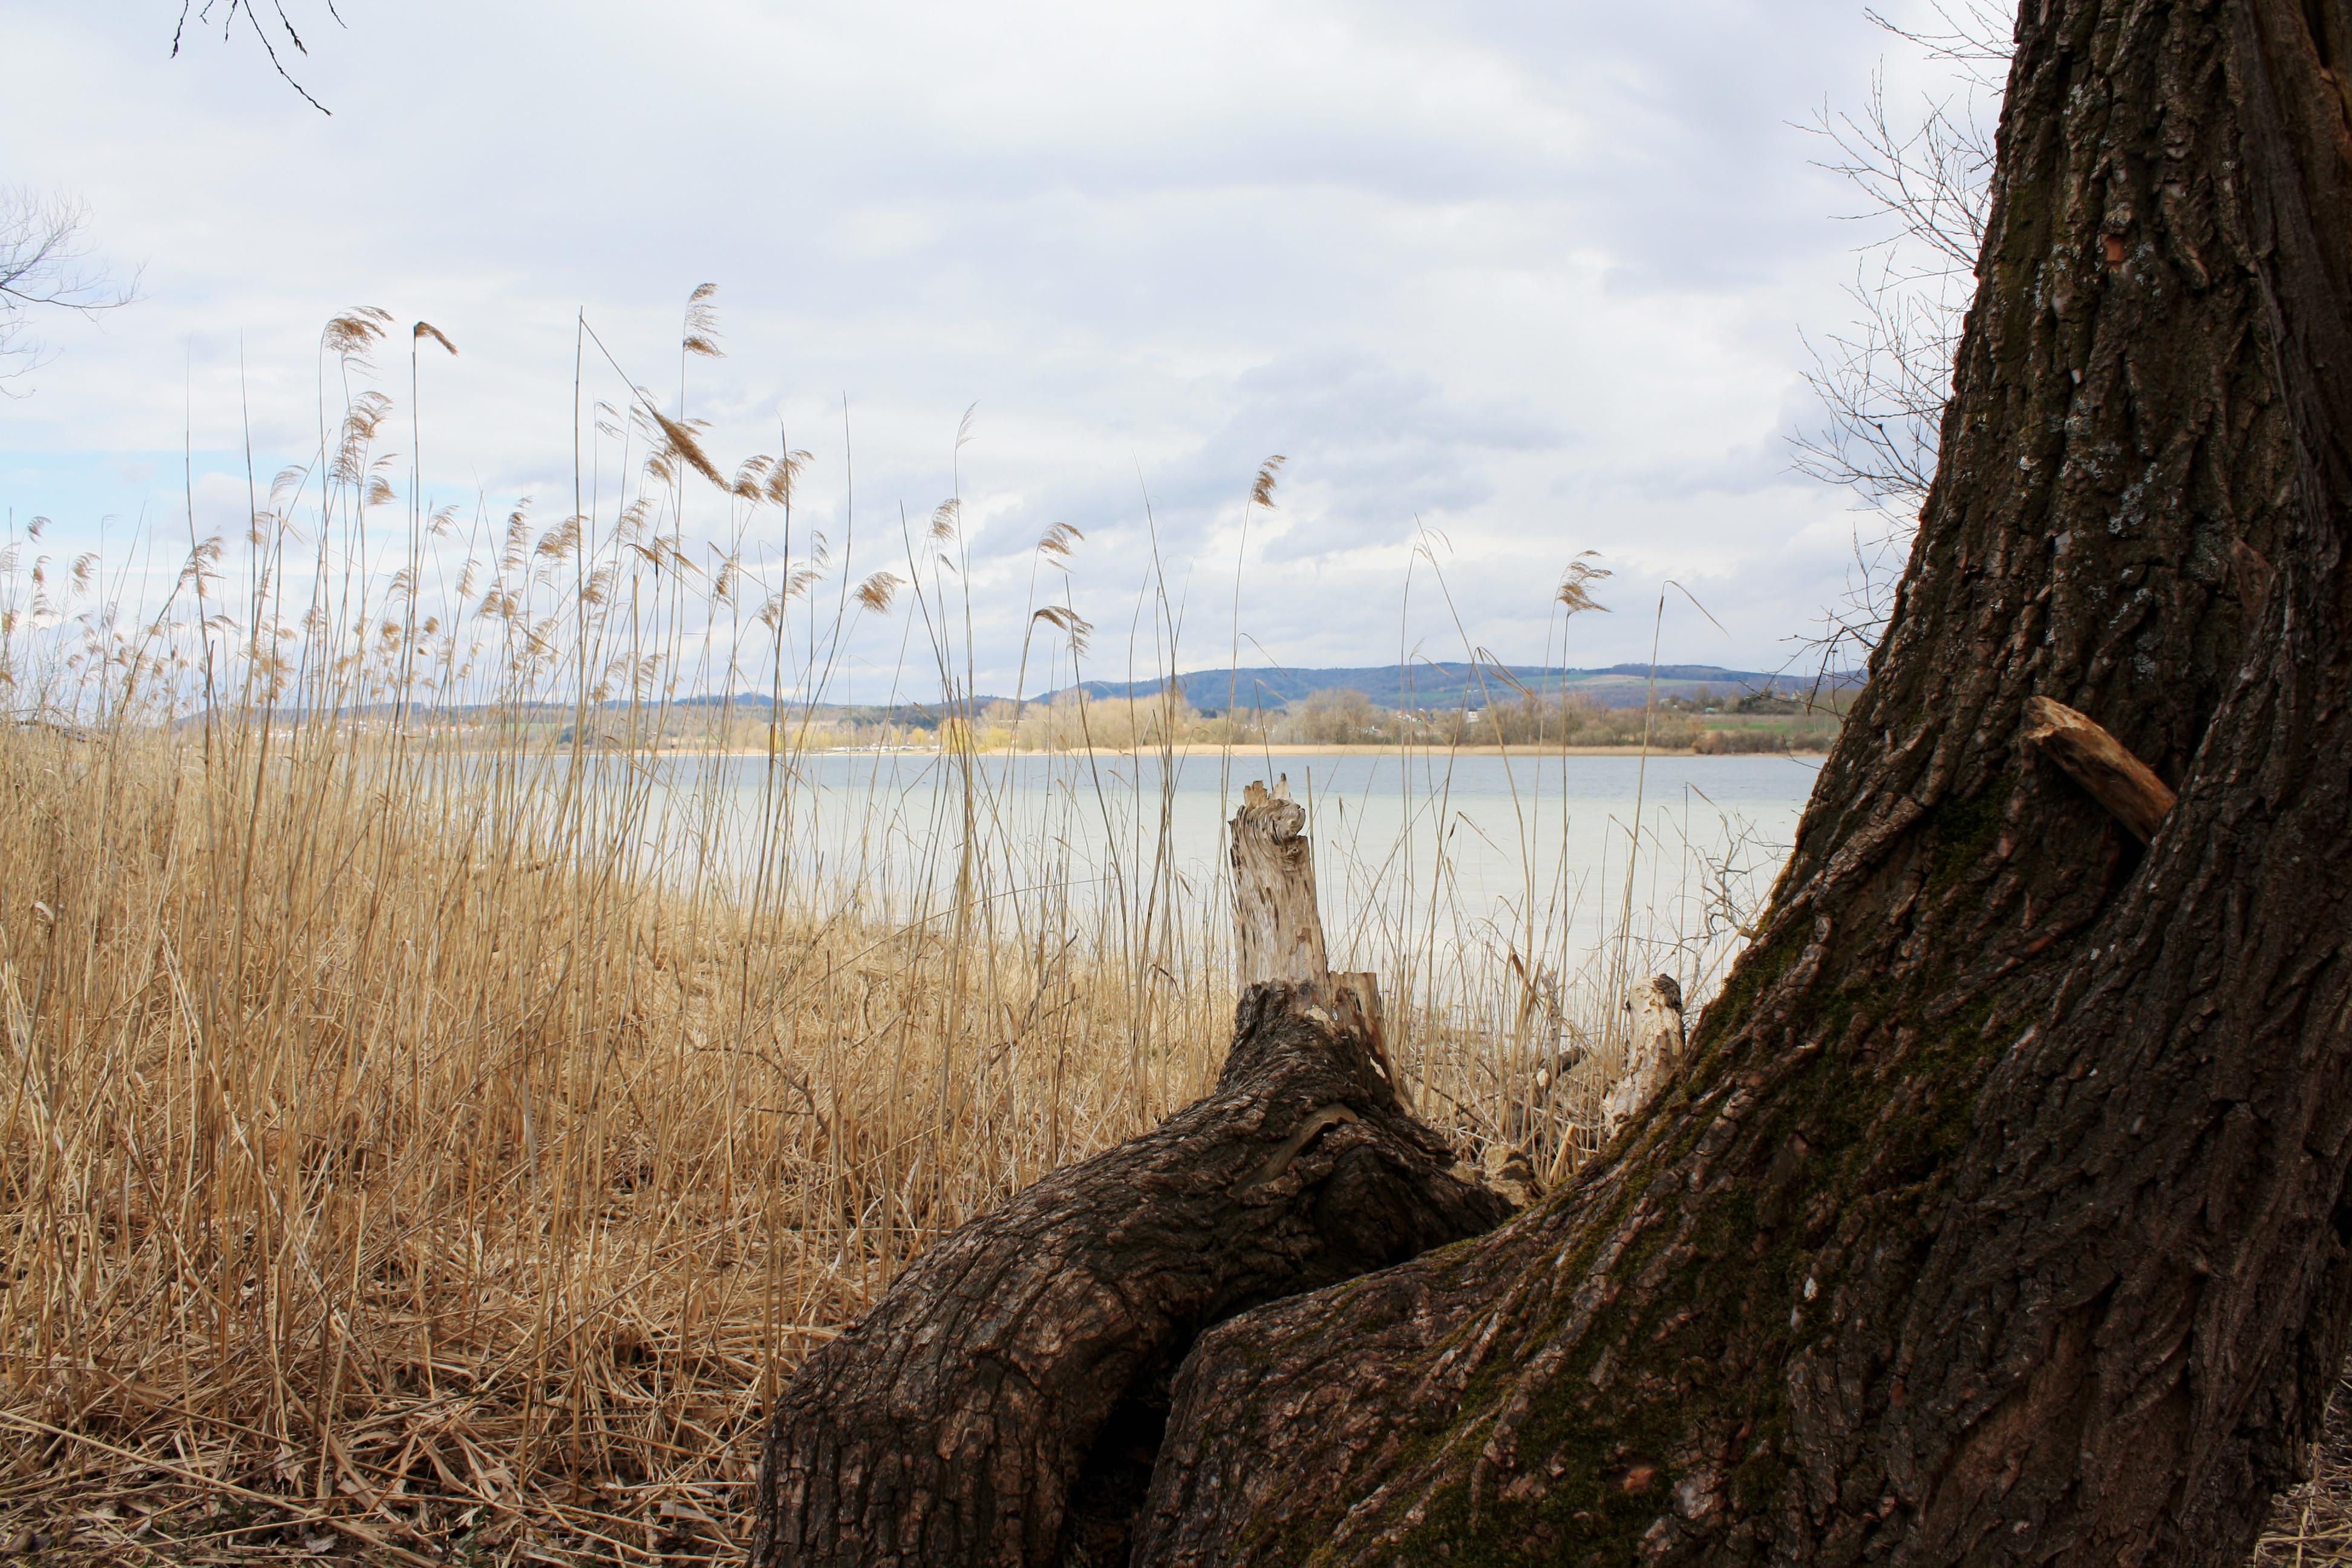 Naturschutzgebiet auf der Halbinsel Mettnau bei Radolfzell